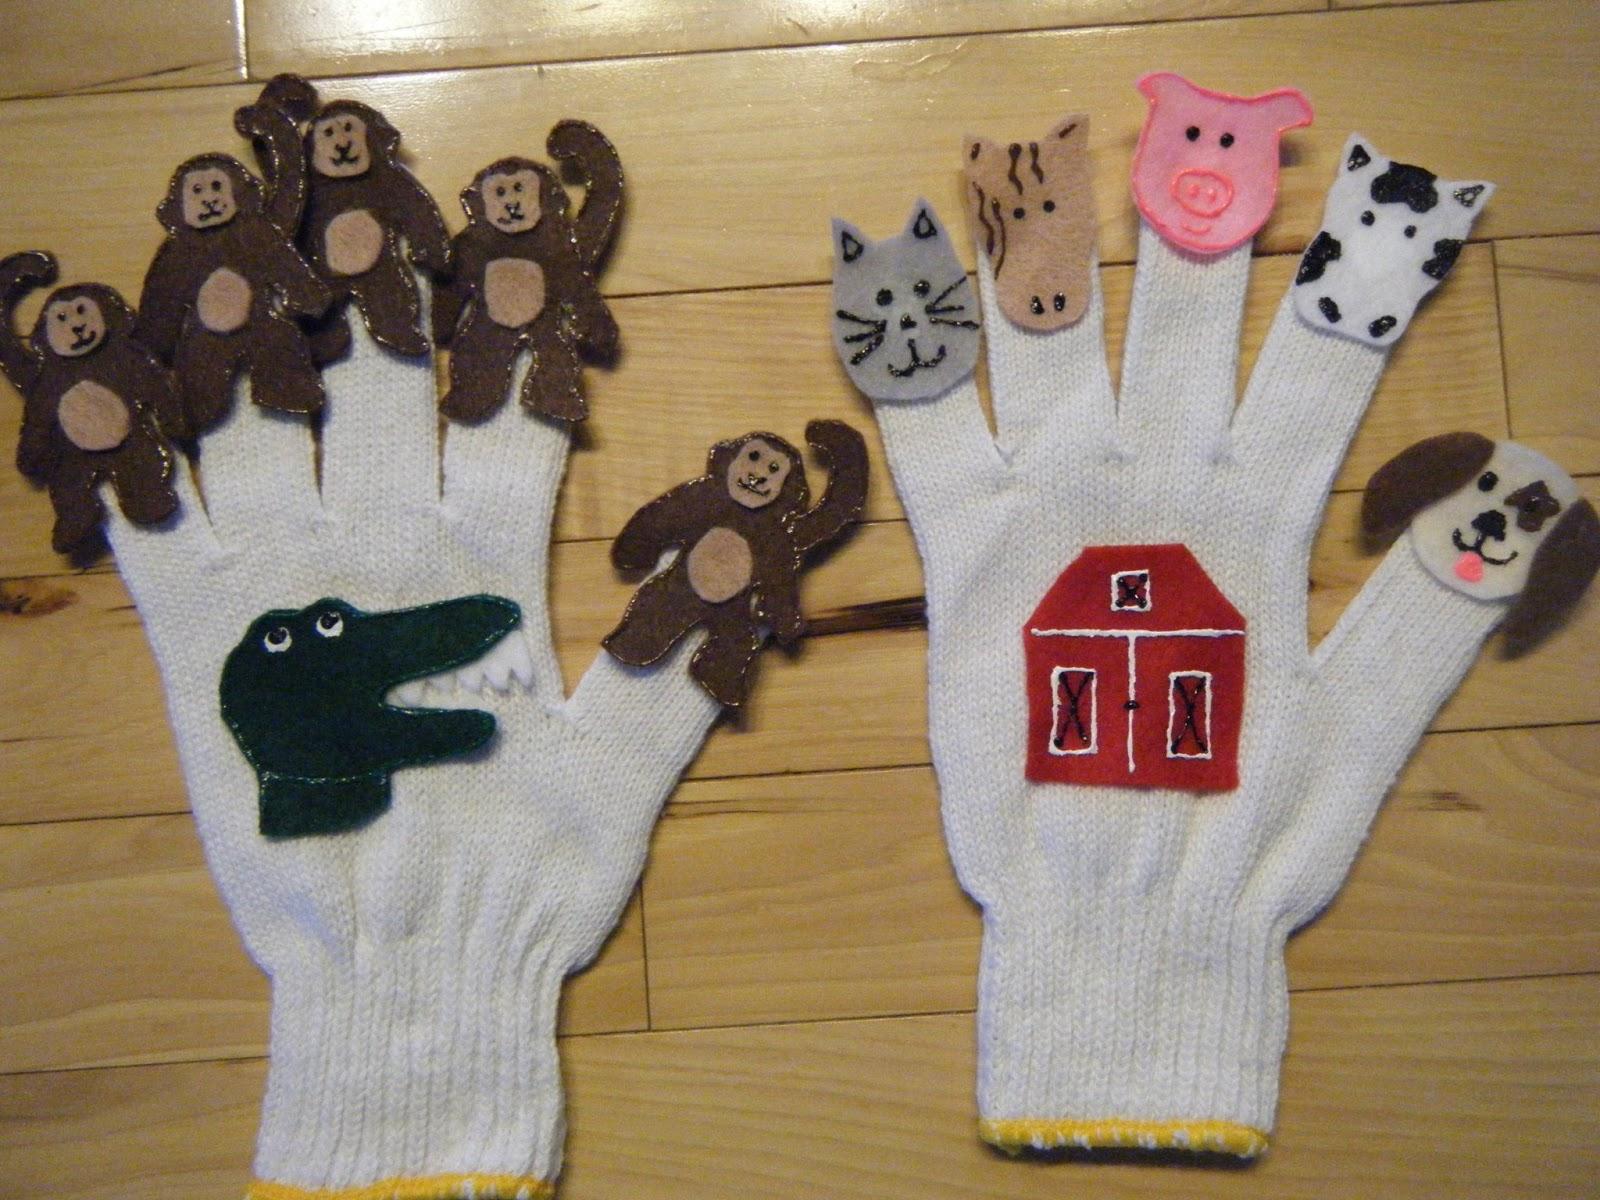 puppet stories for preschoolers felt board ideas january 2012 563